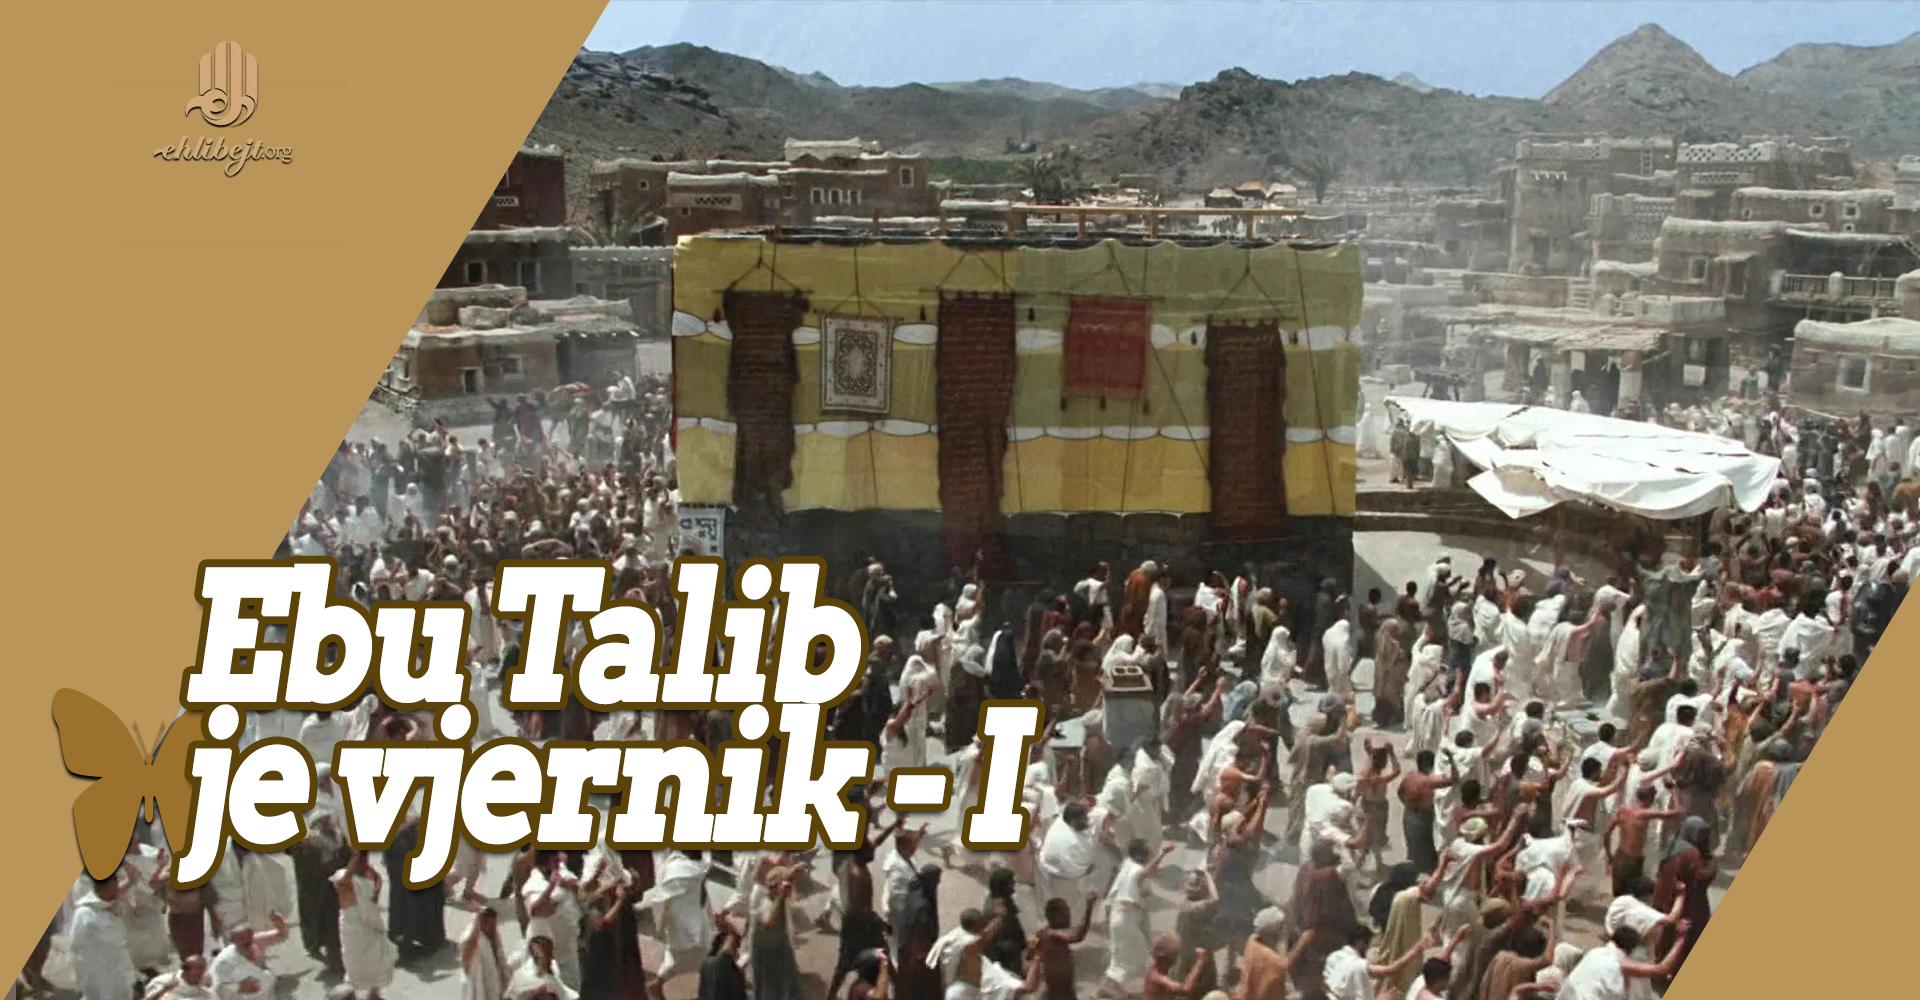 Potvrde i svjedočenja o vjerovanju Ebu Taliba, a.s. (I)